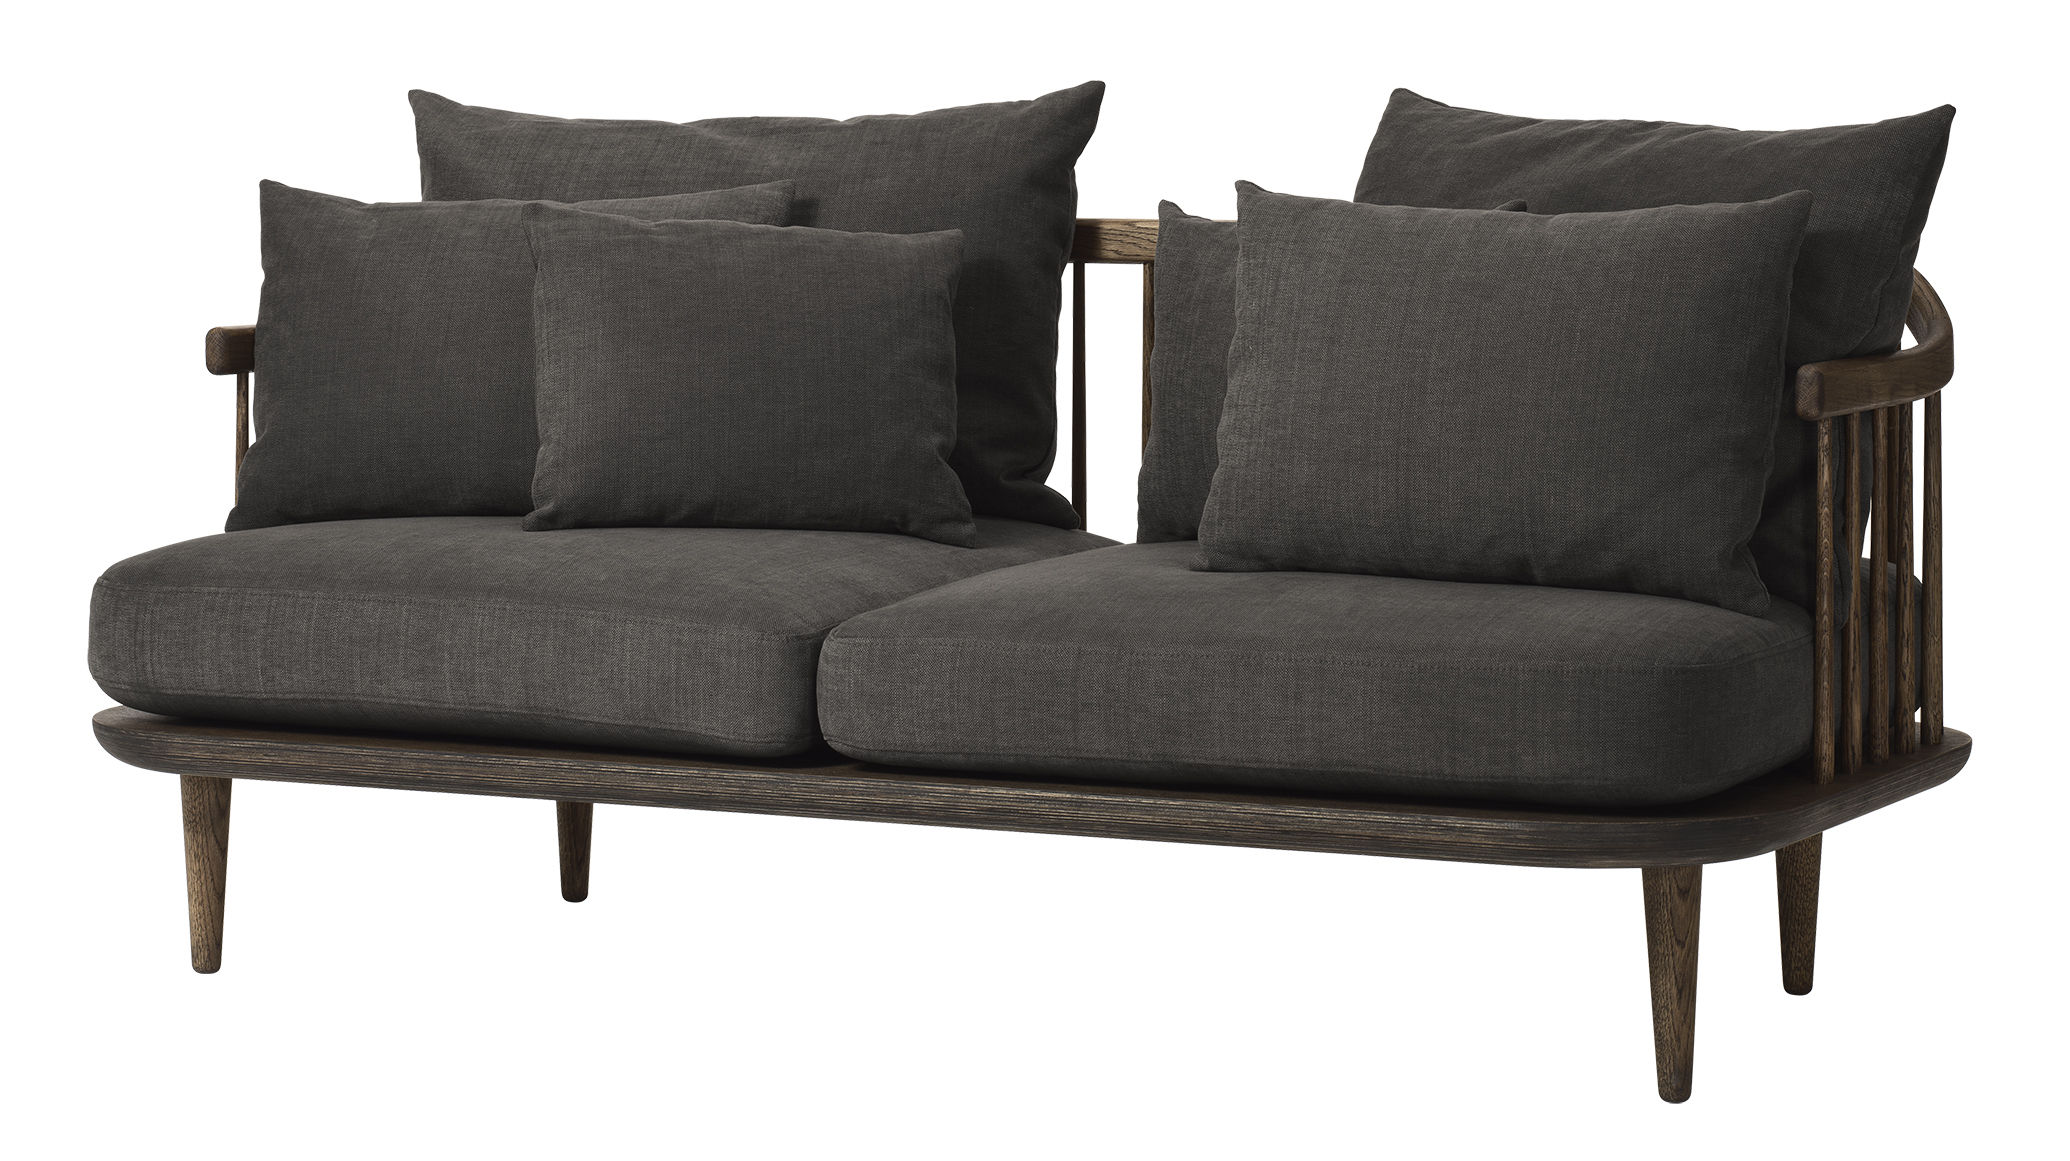 Möbel - Sofas - FLY Sofa / 2-Sitzer - L 162 cm - And Tradition - Dunkles Holz / dunkelgraue Kissen -  Plumes, geölte Eiche, Gewebe, Schaumstoff